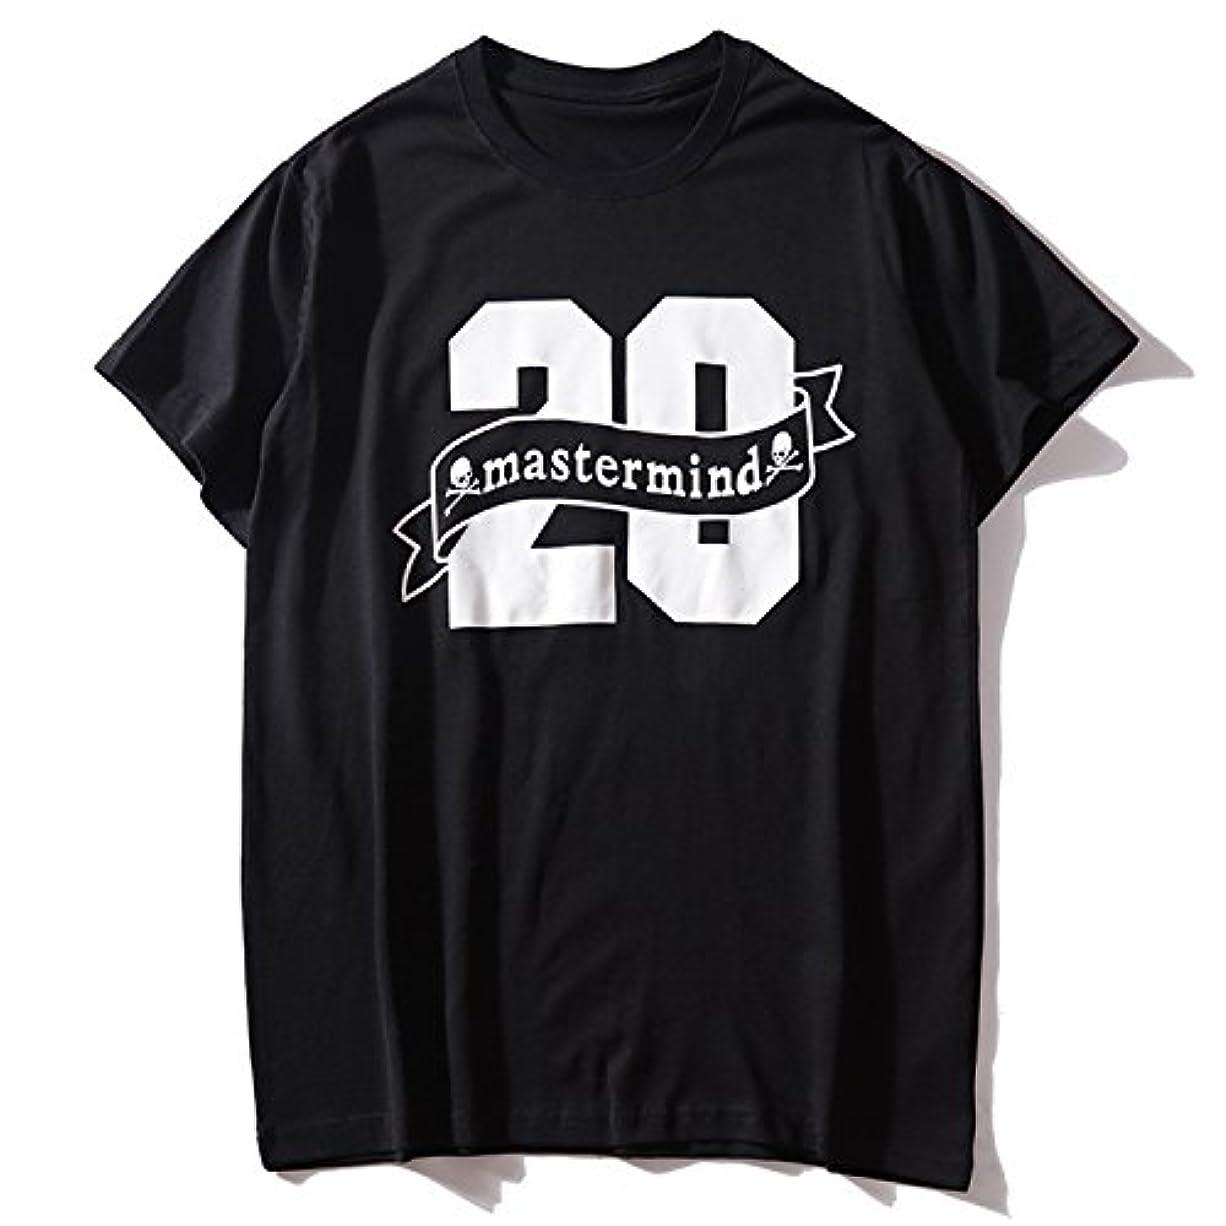 読みやすい管理者パールmastermind JAPAN マスターマインドジャパン メンズ ファッション 簡約 髑髏 プリント カッコイイ Tシャツ 半袖 男女兼用